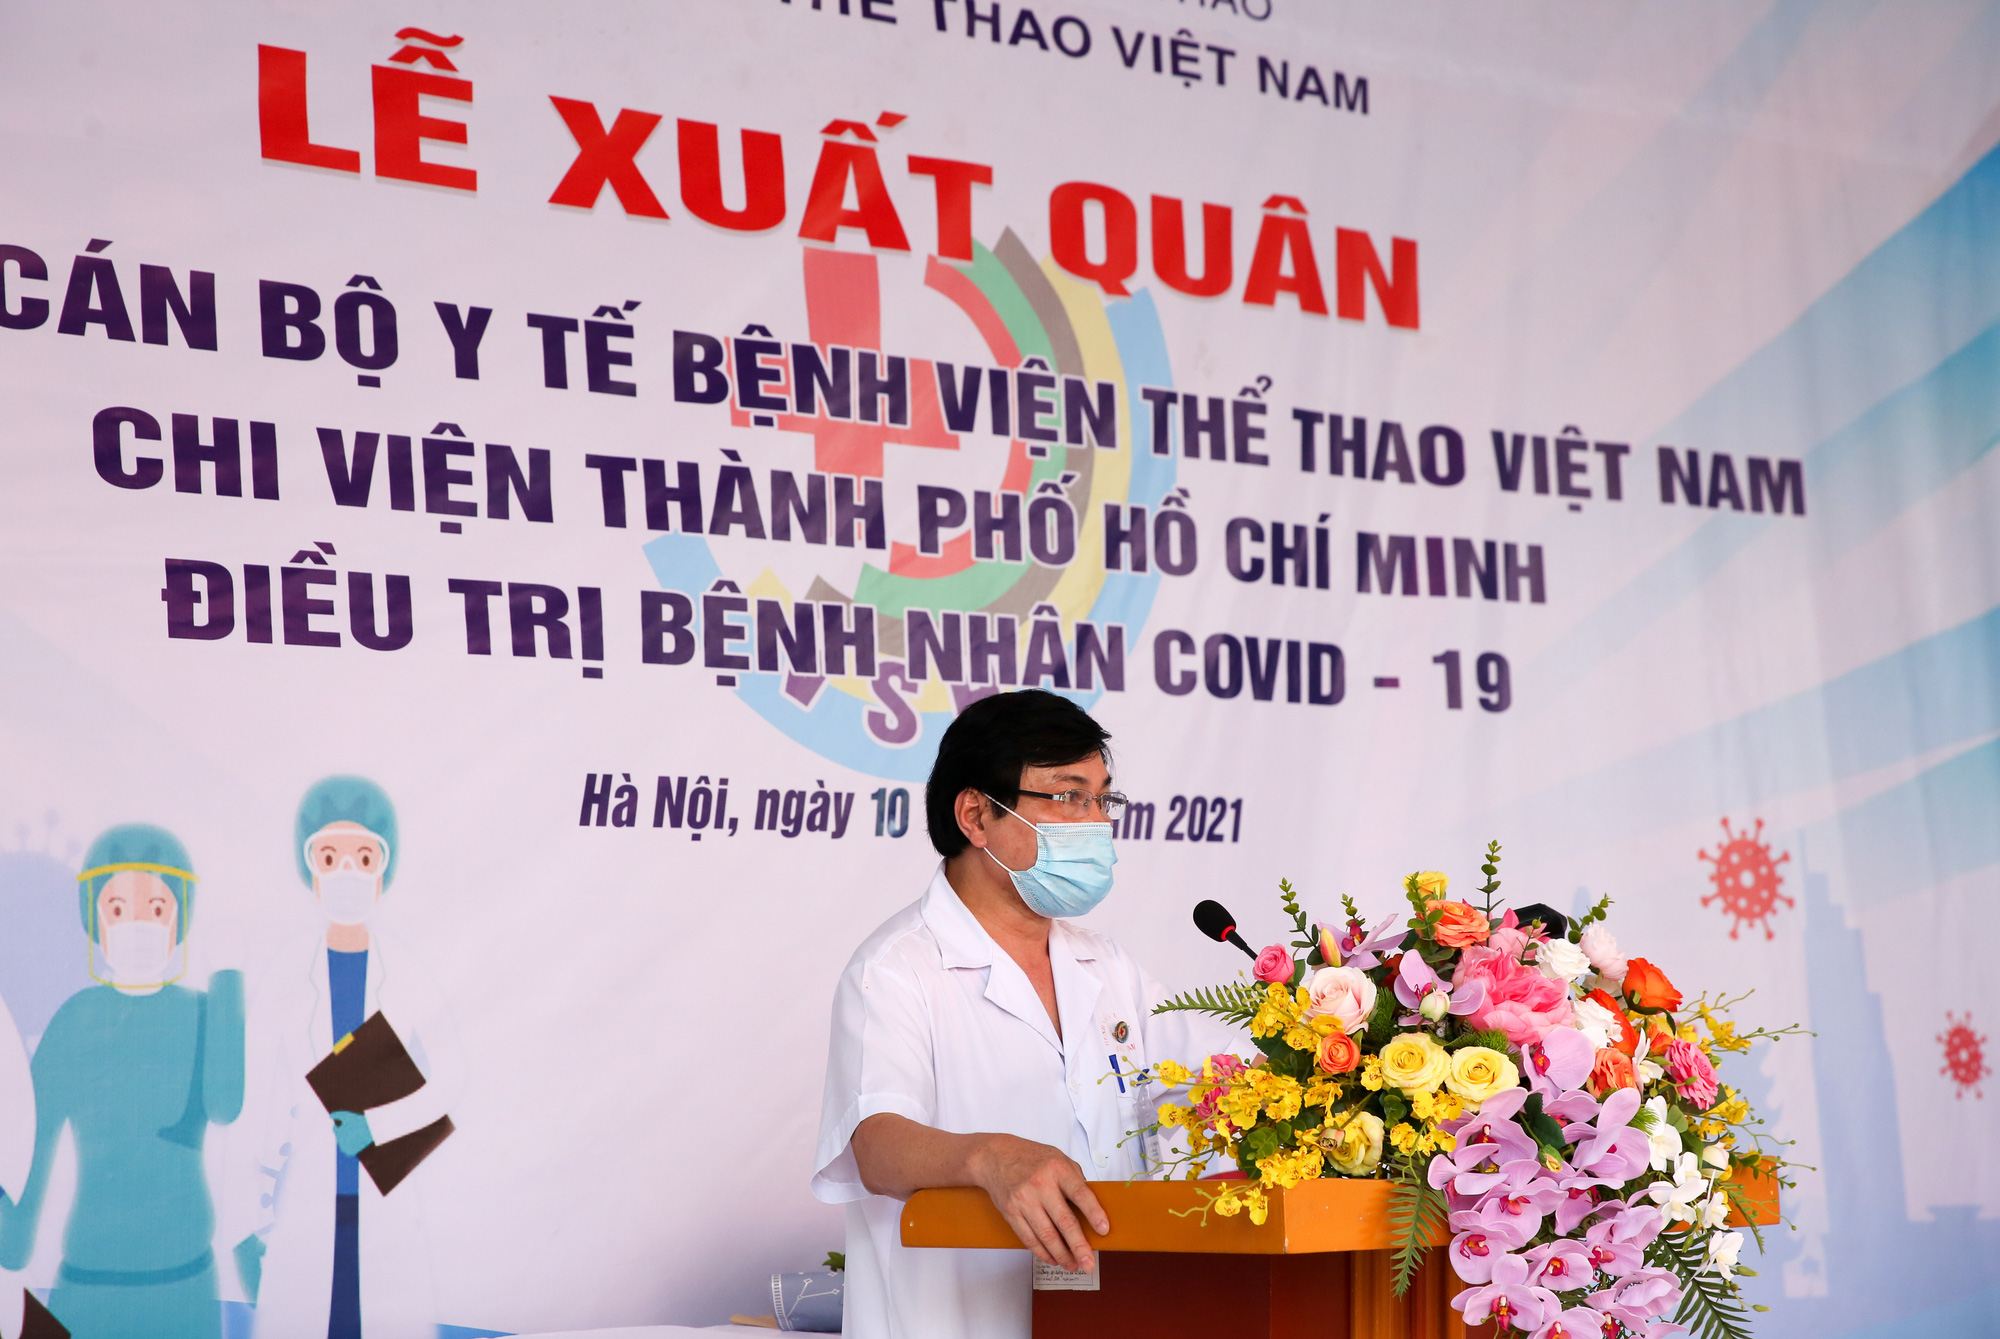 Bệnh viên Thể thao Việt Nam xuất quân tăng cường lực lượng vào miền Nam chống dịch - Ảnh 6.